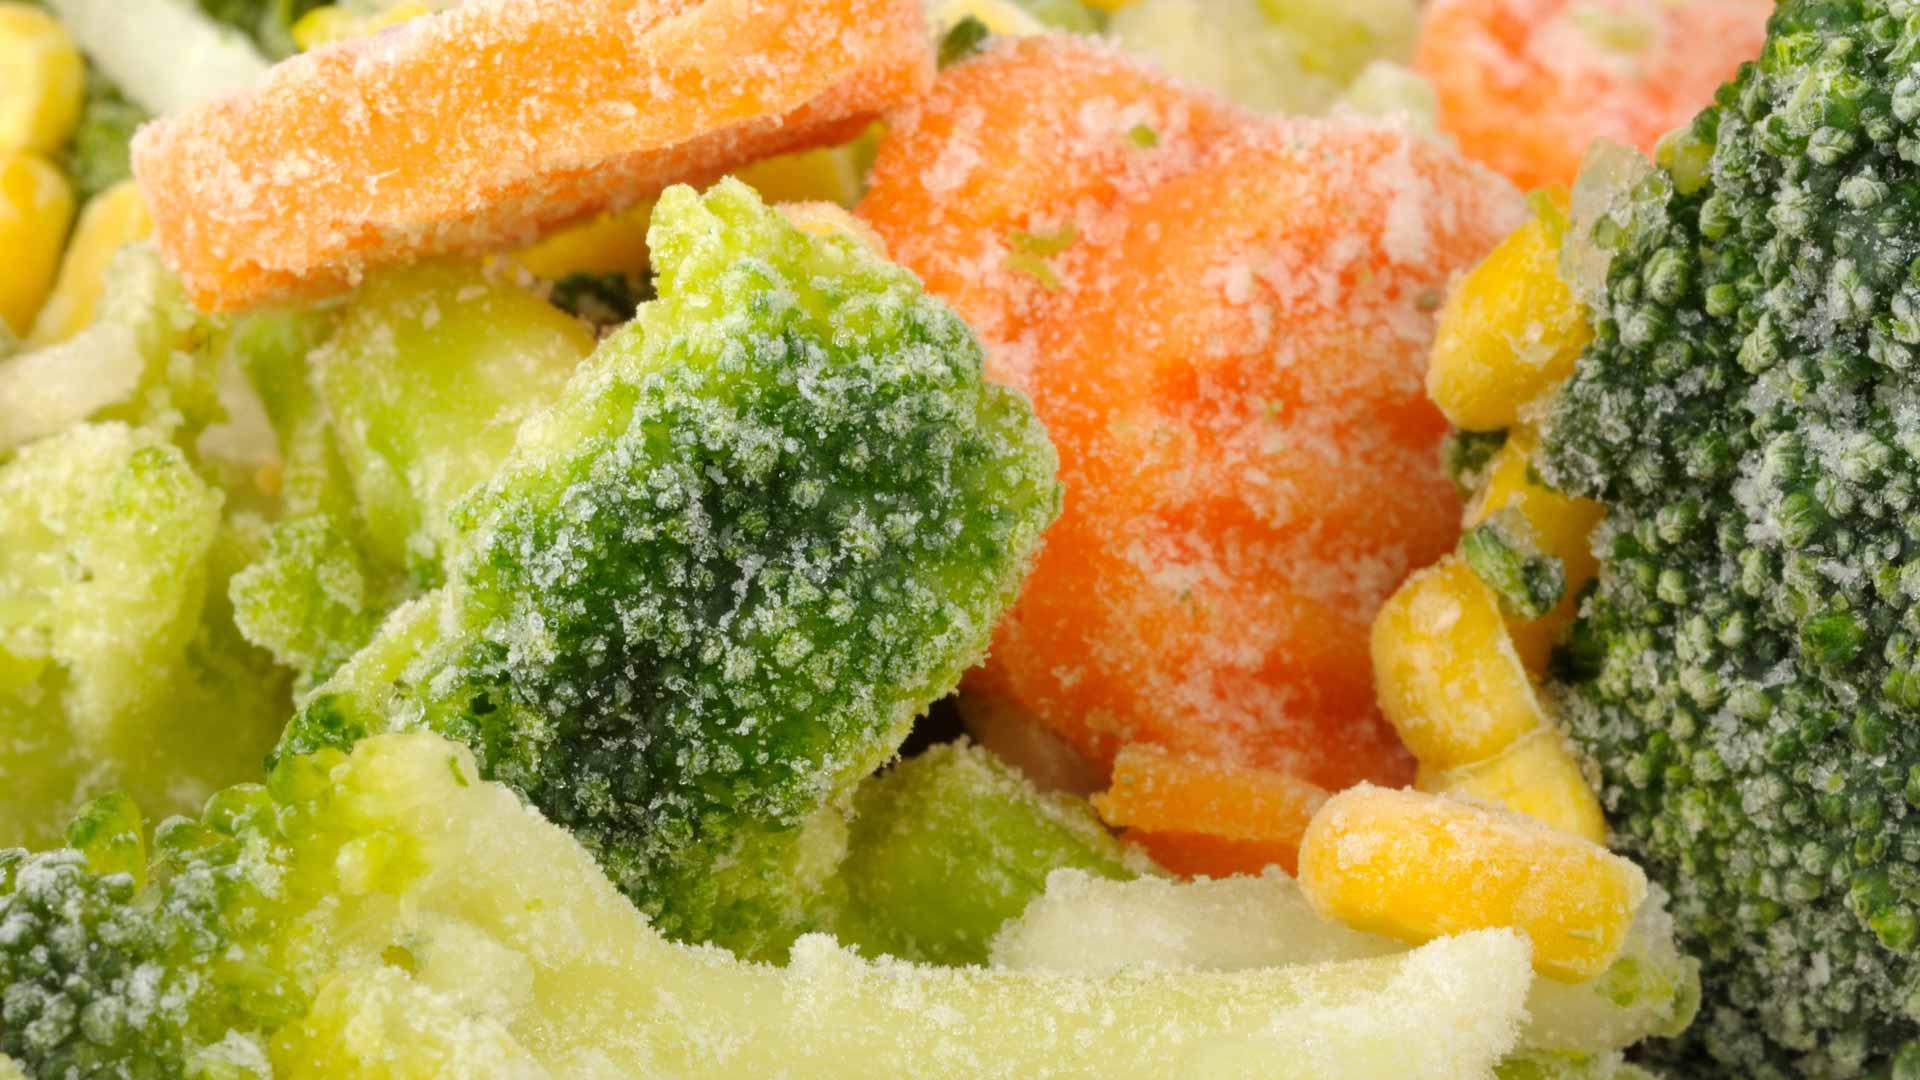 bevroeren-groente